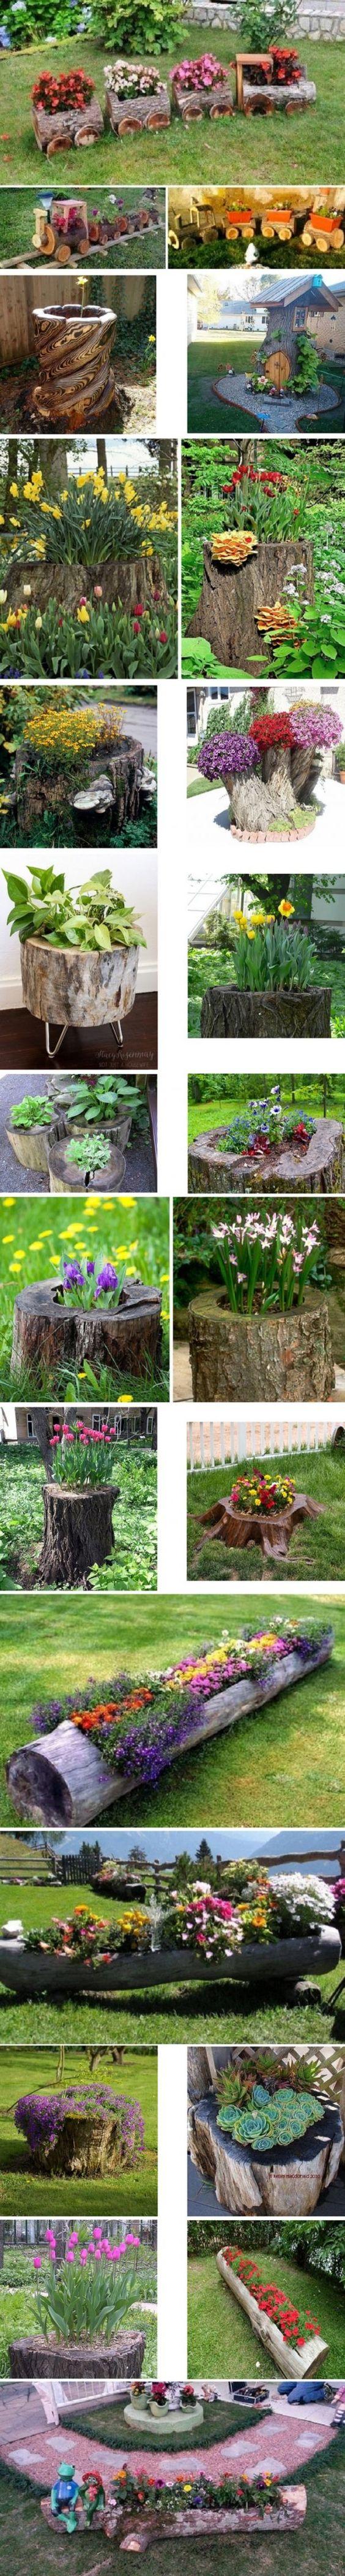 ağaç kütüğünden bahçe aksesuarları yapımı